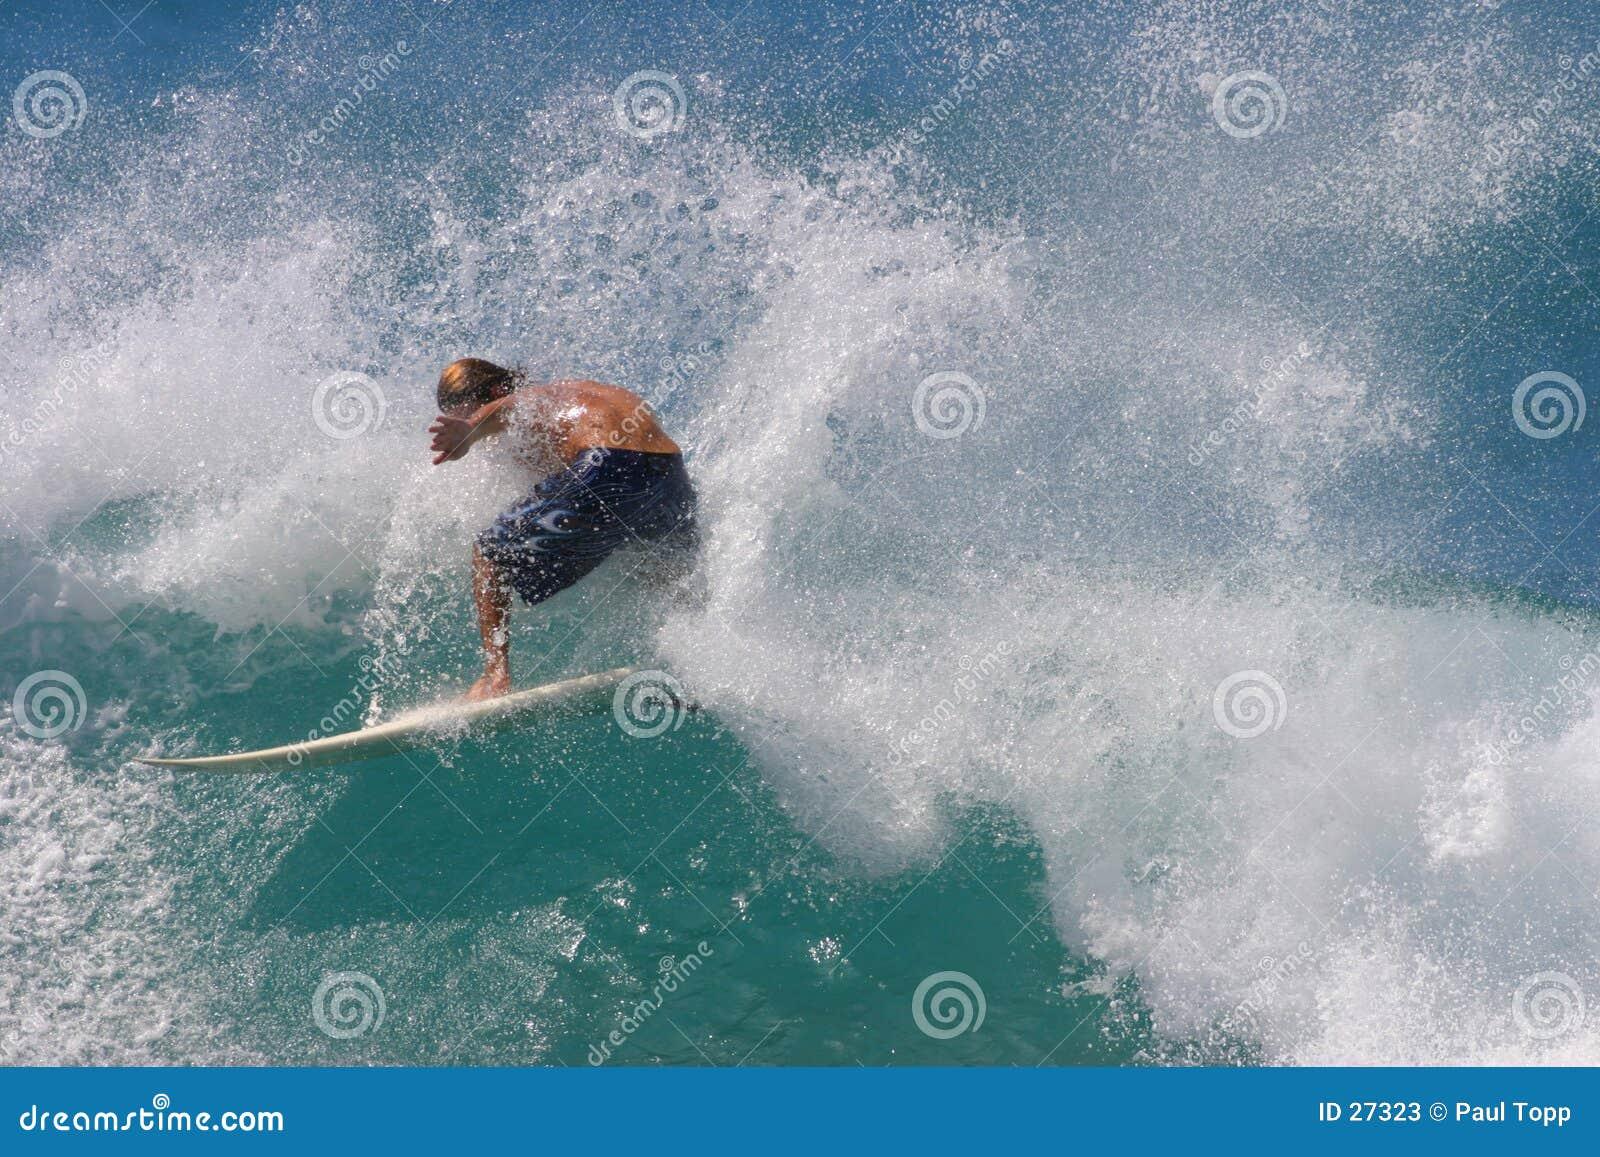 Surfer-Spray